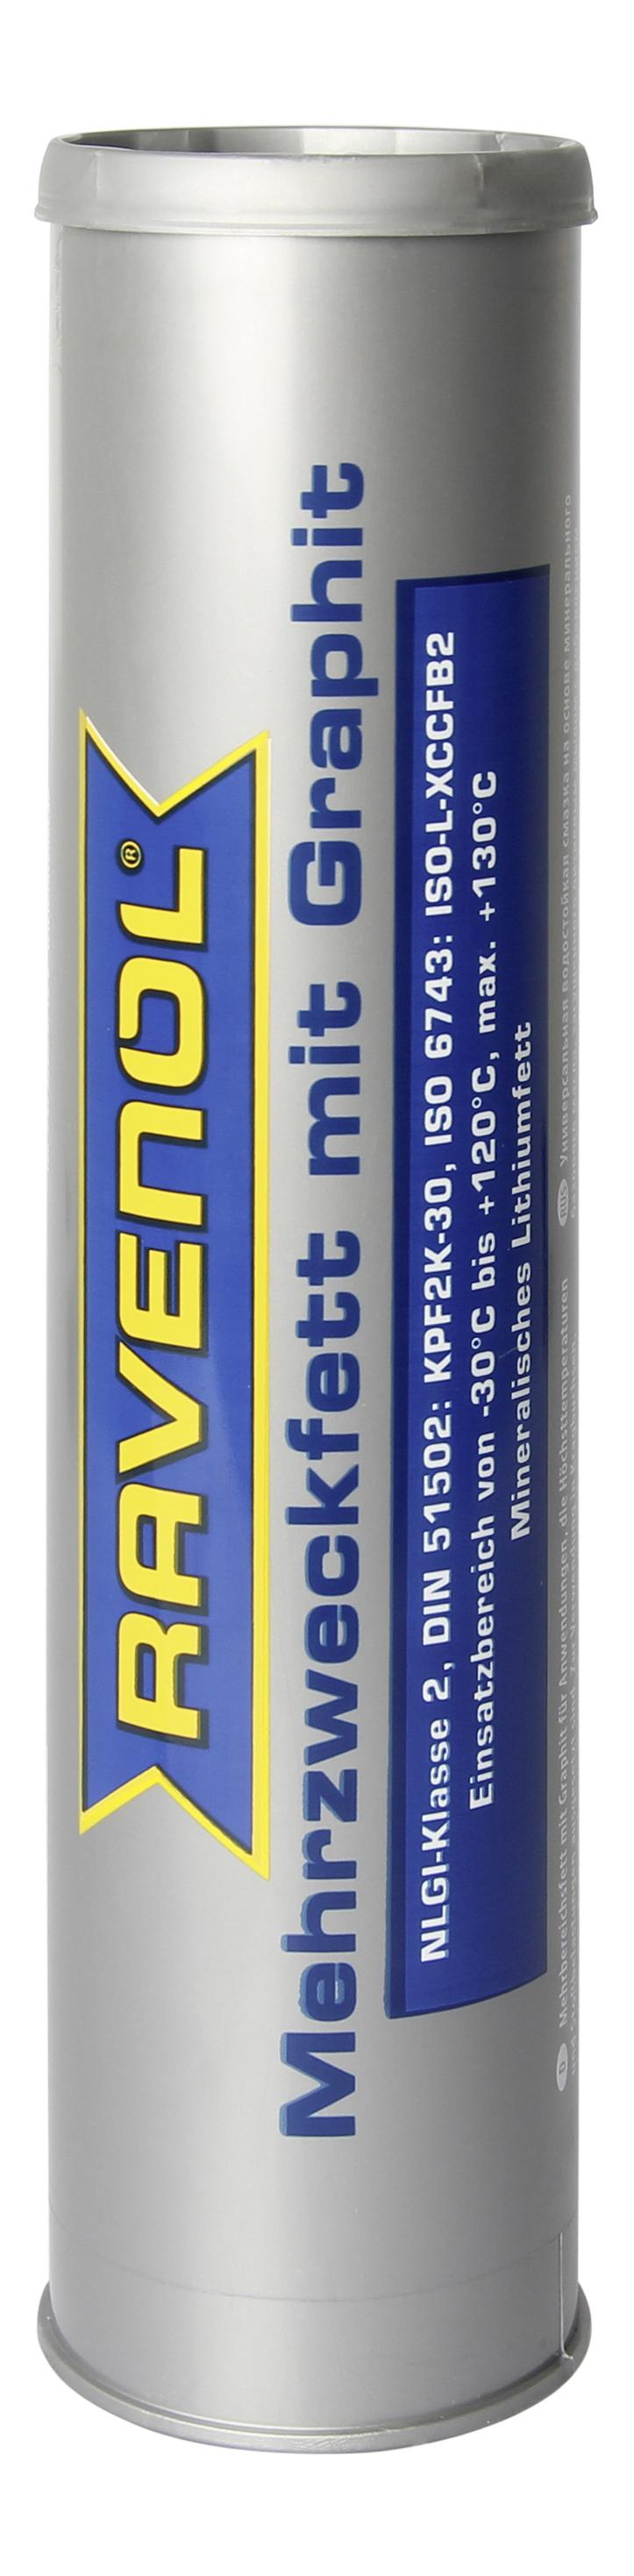 Смазка графитовая Ravenol Mehrzweckfett m. Graphit 4014835768147